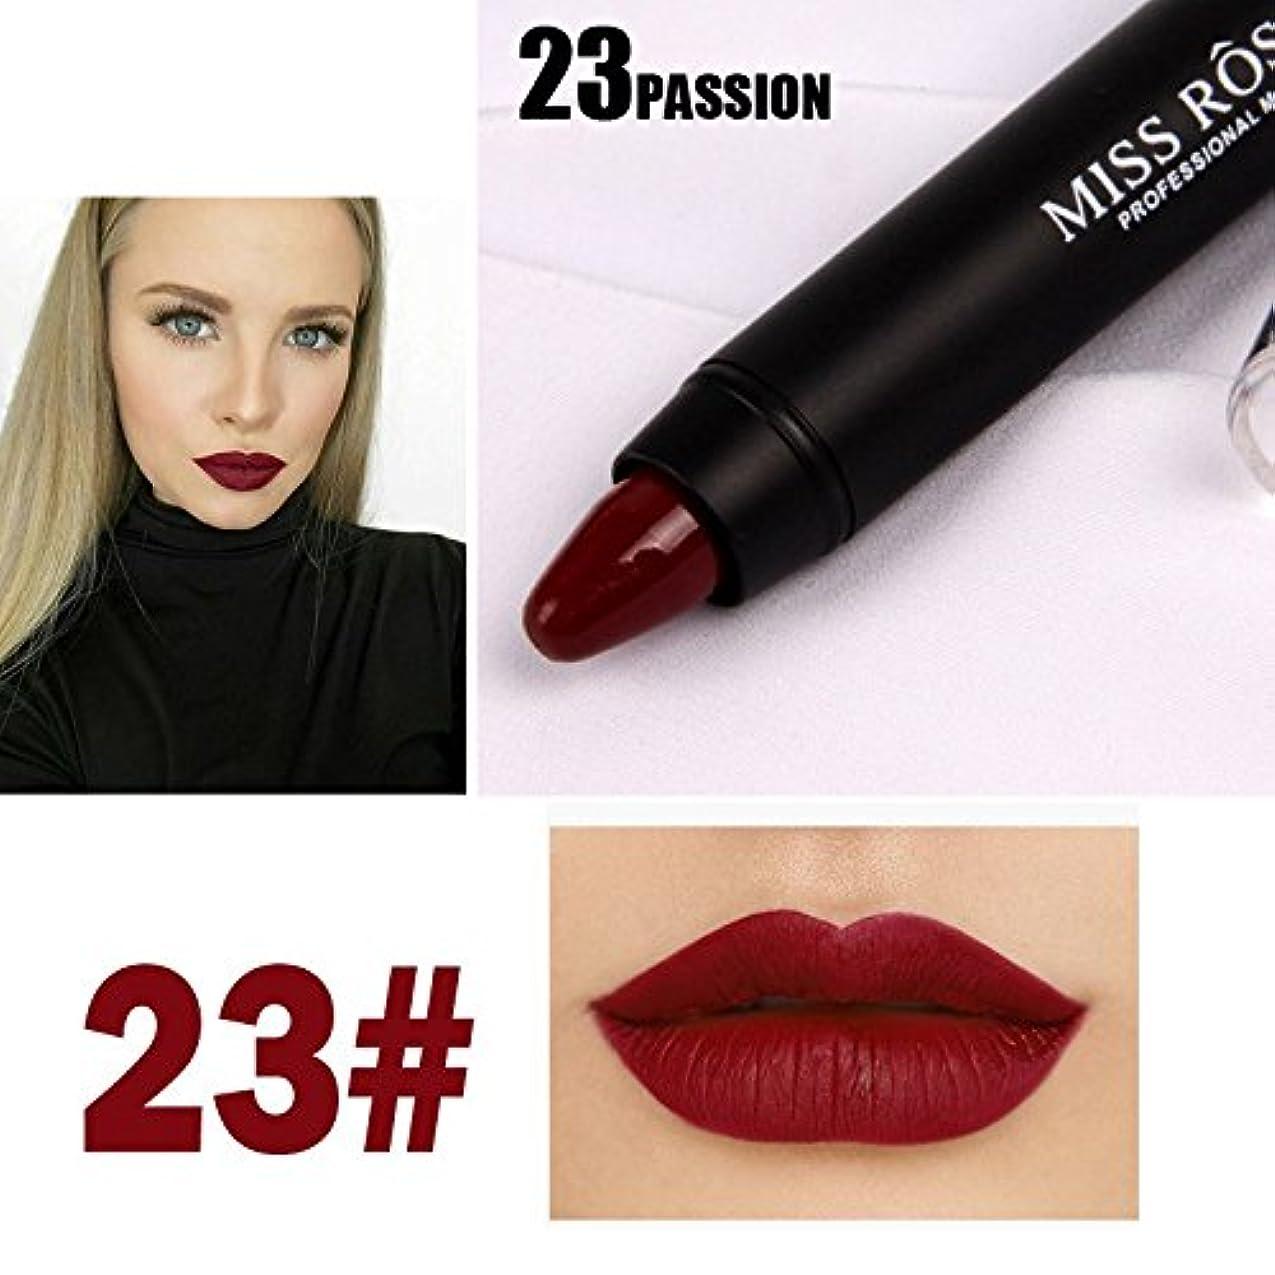 ビーム遠近法拮抗MISS ROSE Professional Women Waterproof Lipstick Lips Cream Beauty Lote Batom Matte Lipstick Nude Pencils Makeup